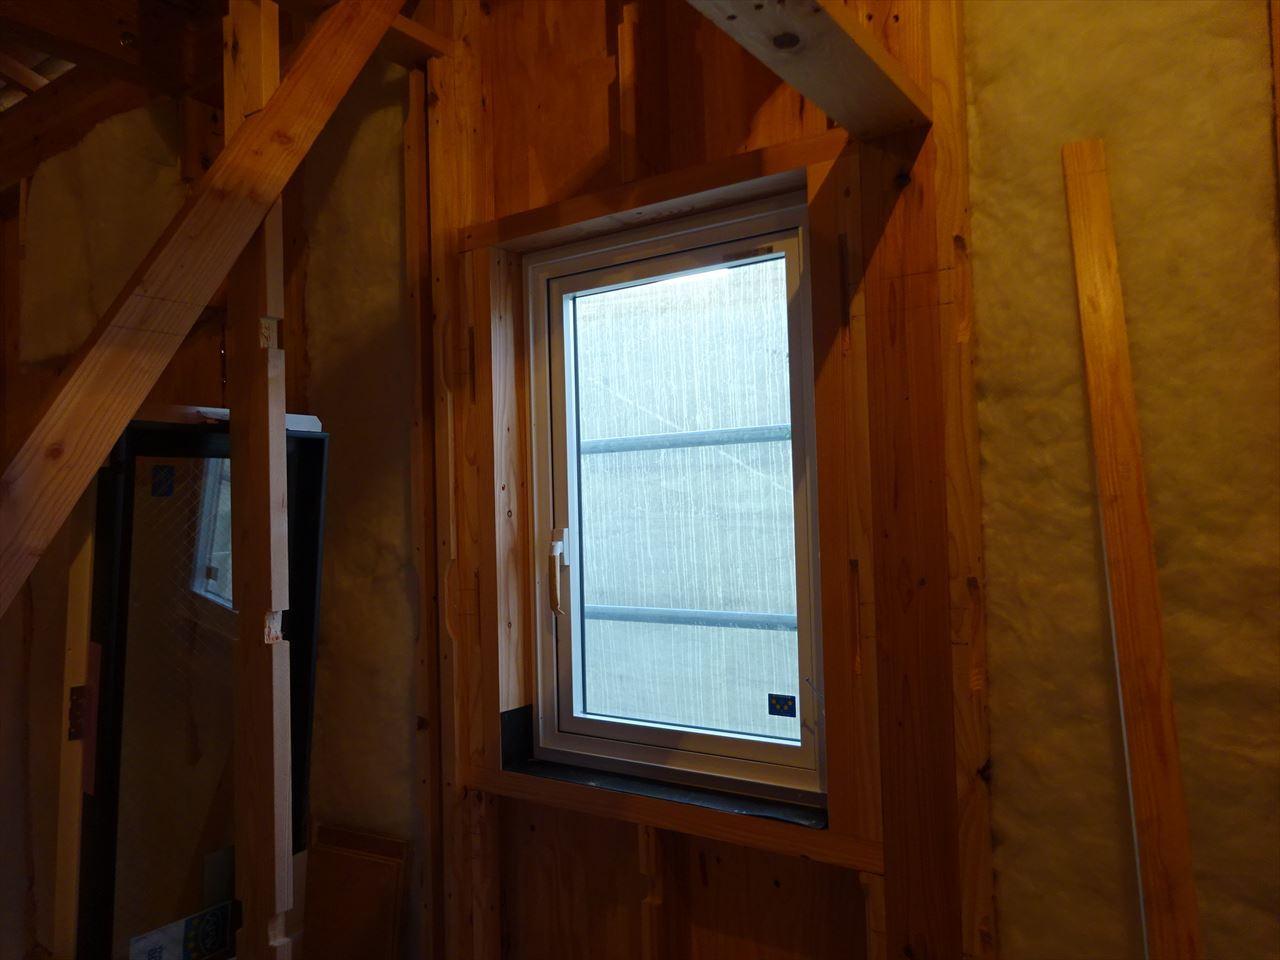 下太田 古材新築の家 建て方作業進行中です。_f0105112_04213450.jpg